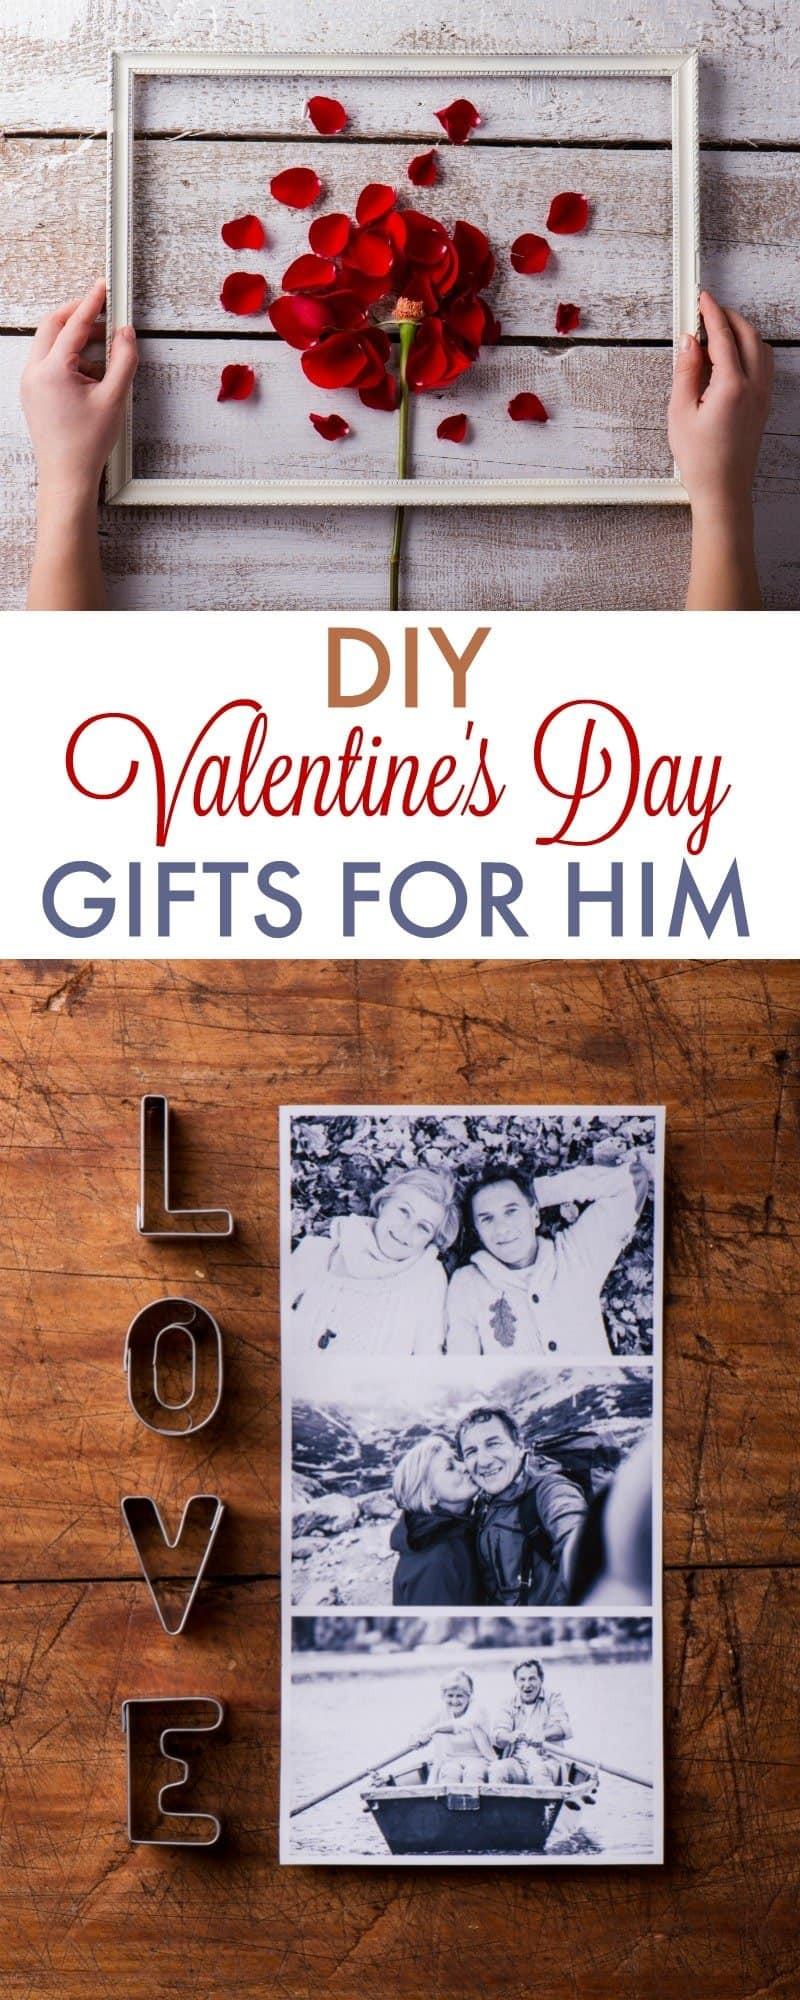 Best ideas about Diy Gift Ideas Boyfriend . Save or Pin DIY Valentine s Day Gifts for Boyfriend 730 Sage Street Now.